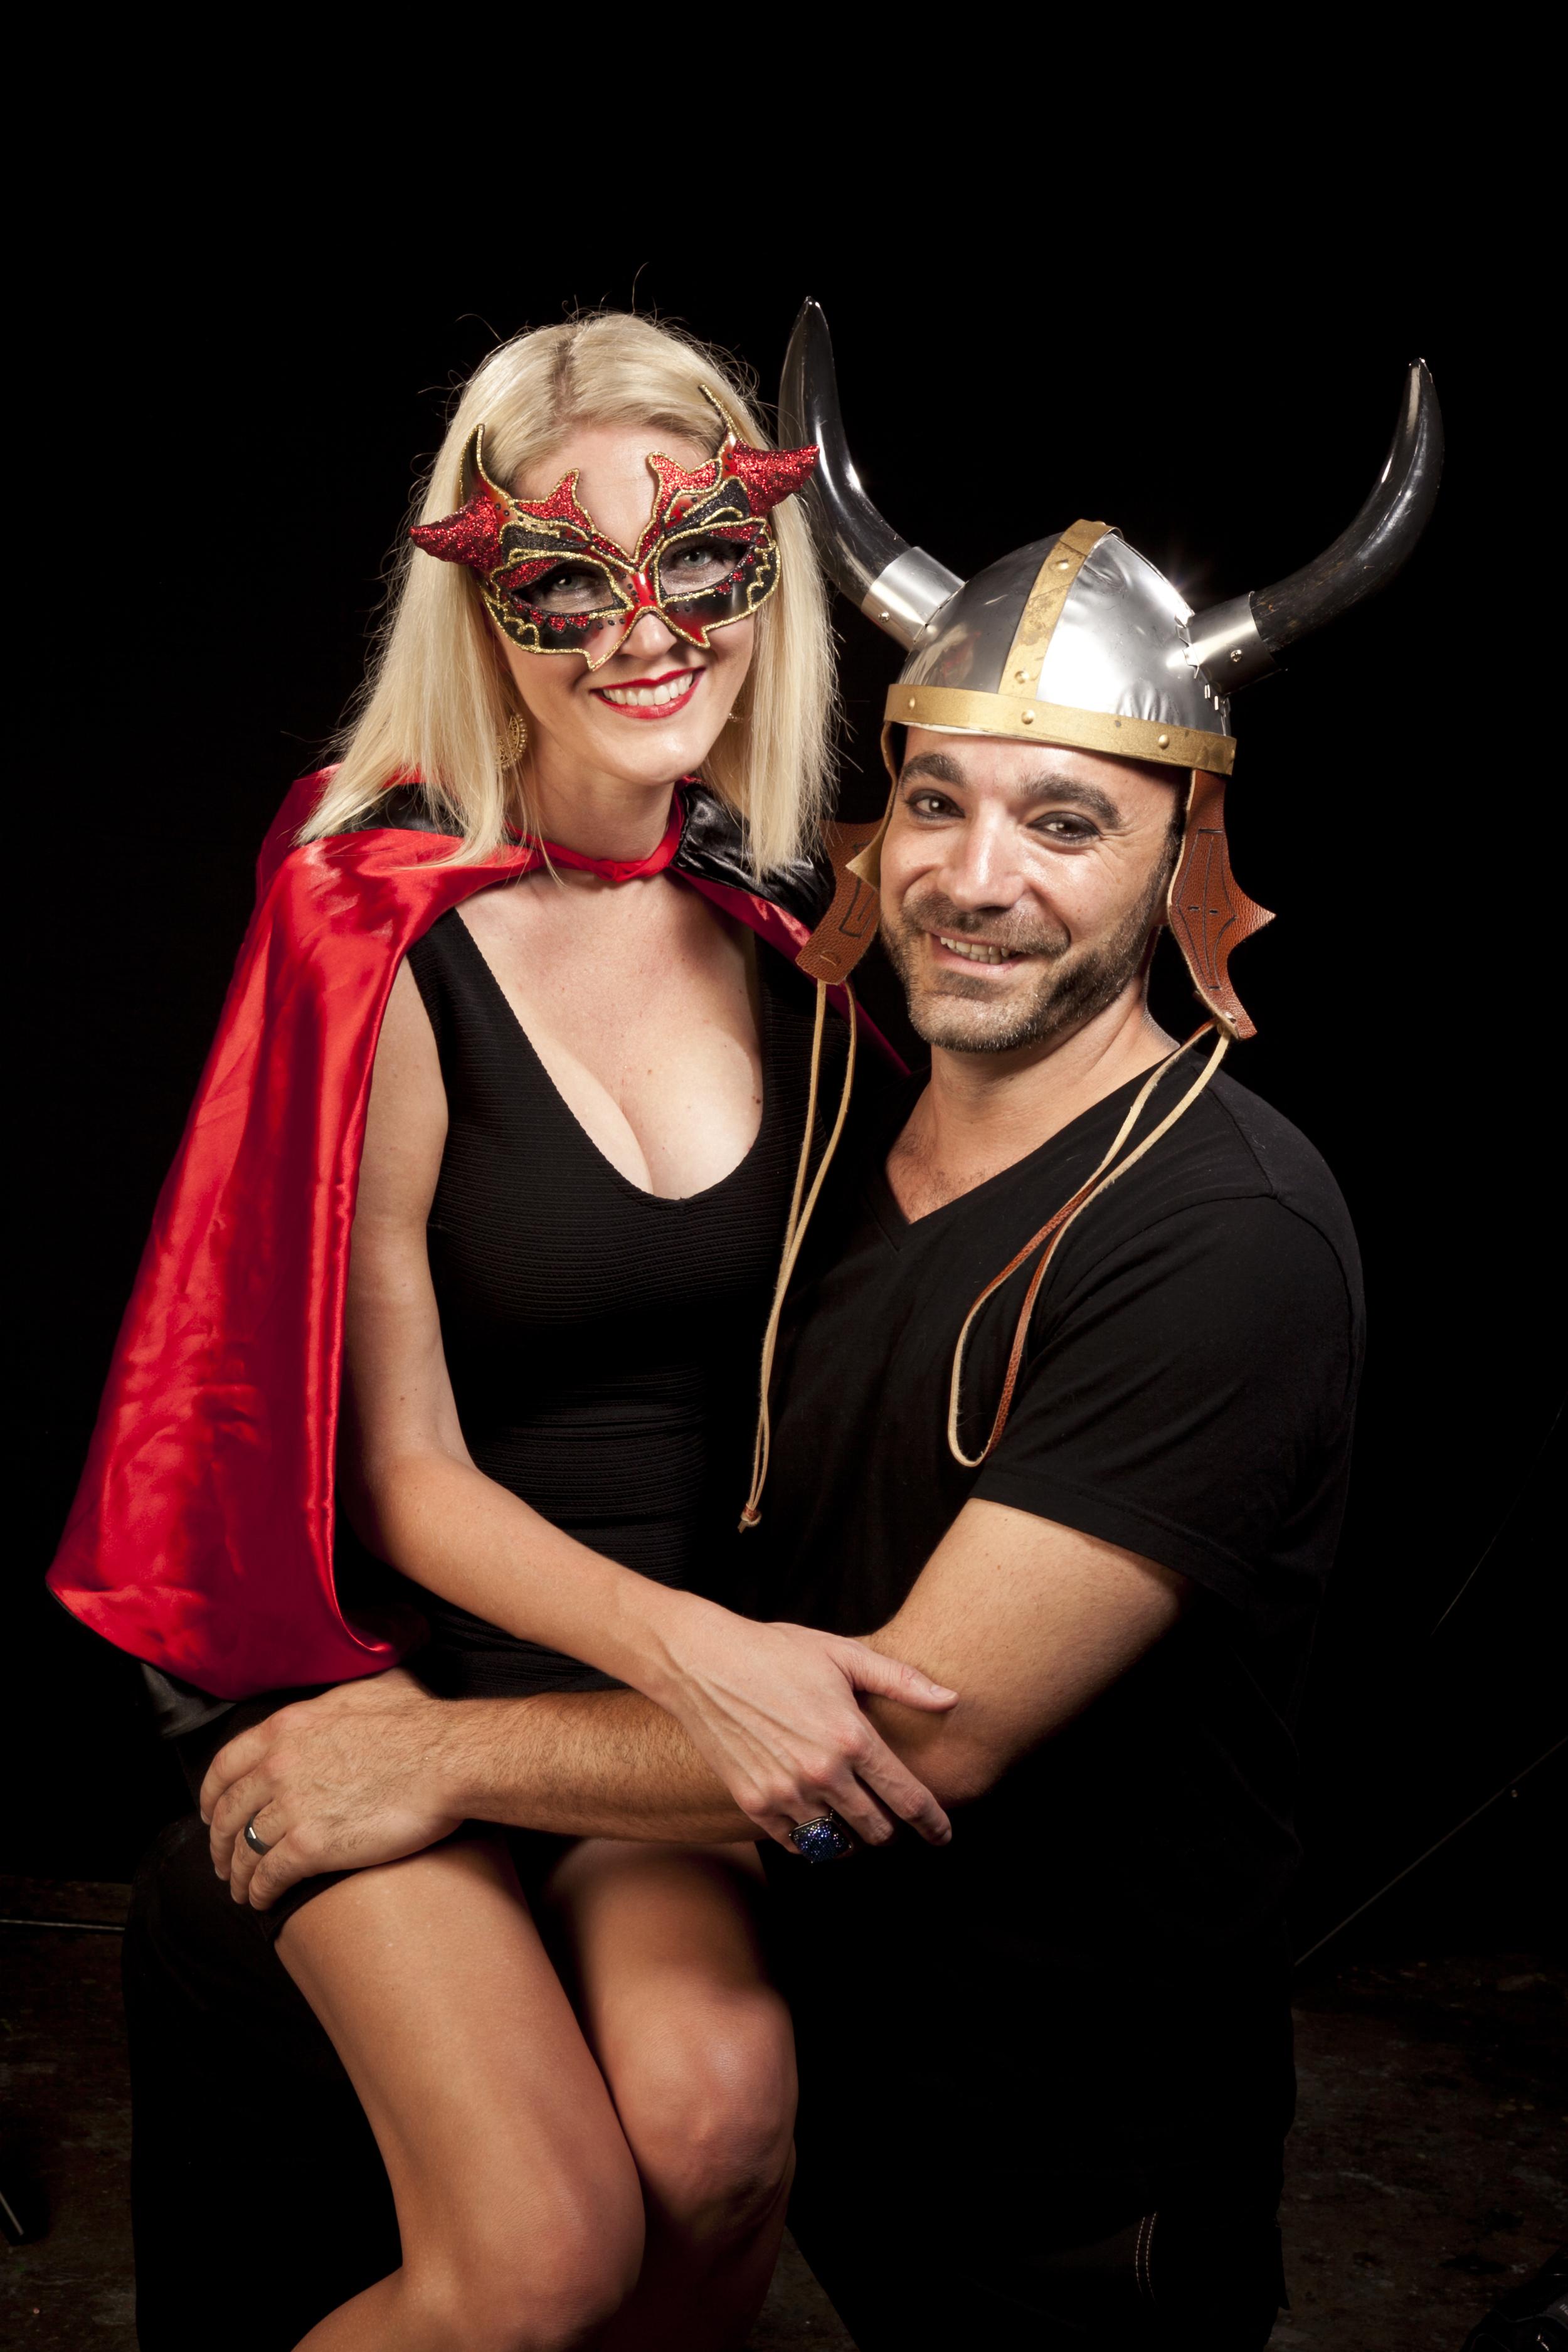 Mr and Mrs Horned hat IMG_4413.jpg